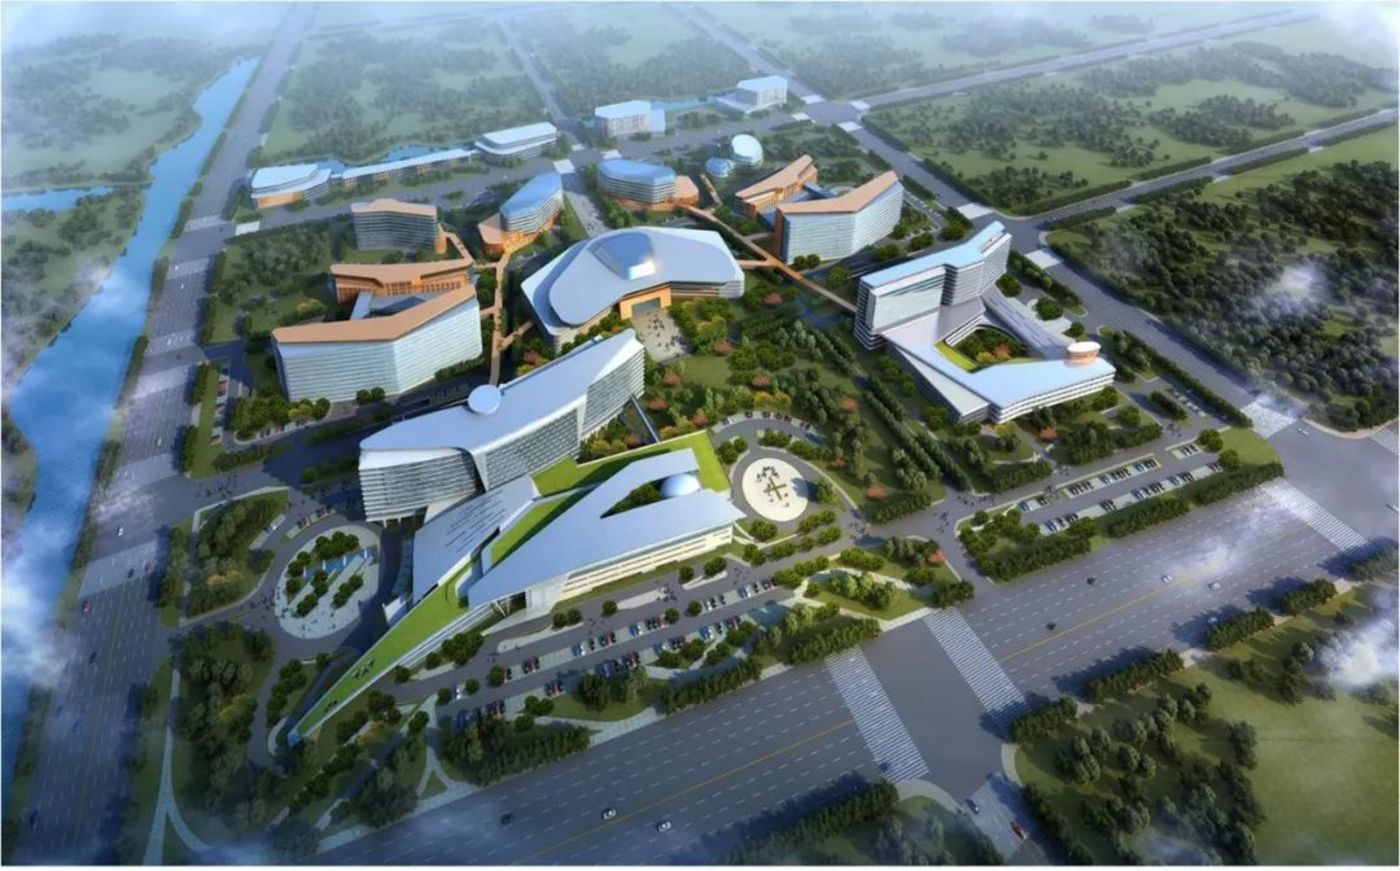 图片来源:上海新虹桥国际医学中心